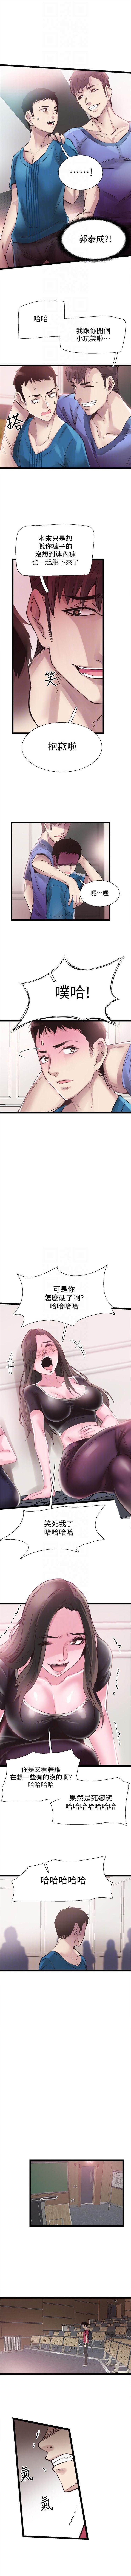 校园live秀 1-20 中文翻译(更新中) 75